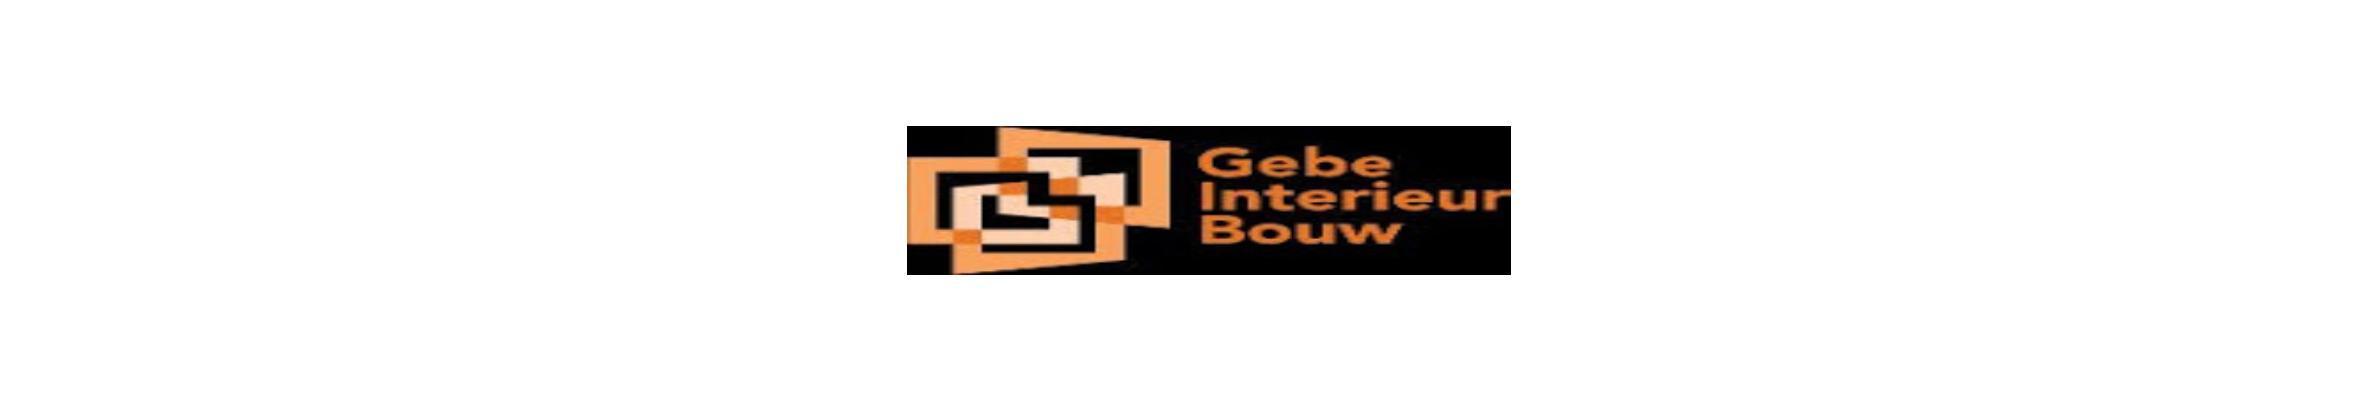 Langwerpig logo van Gebe Interieurbouw